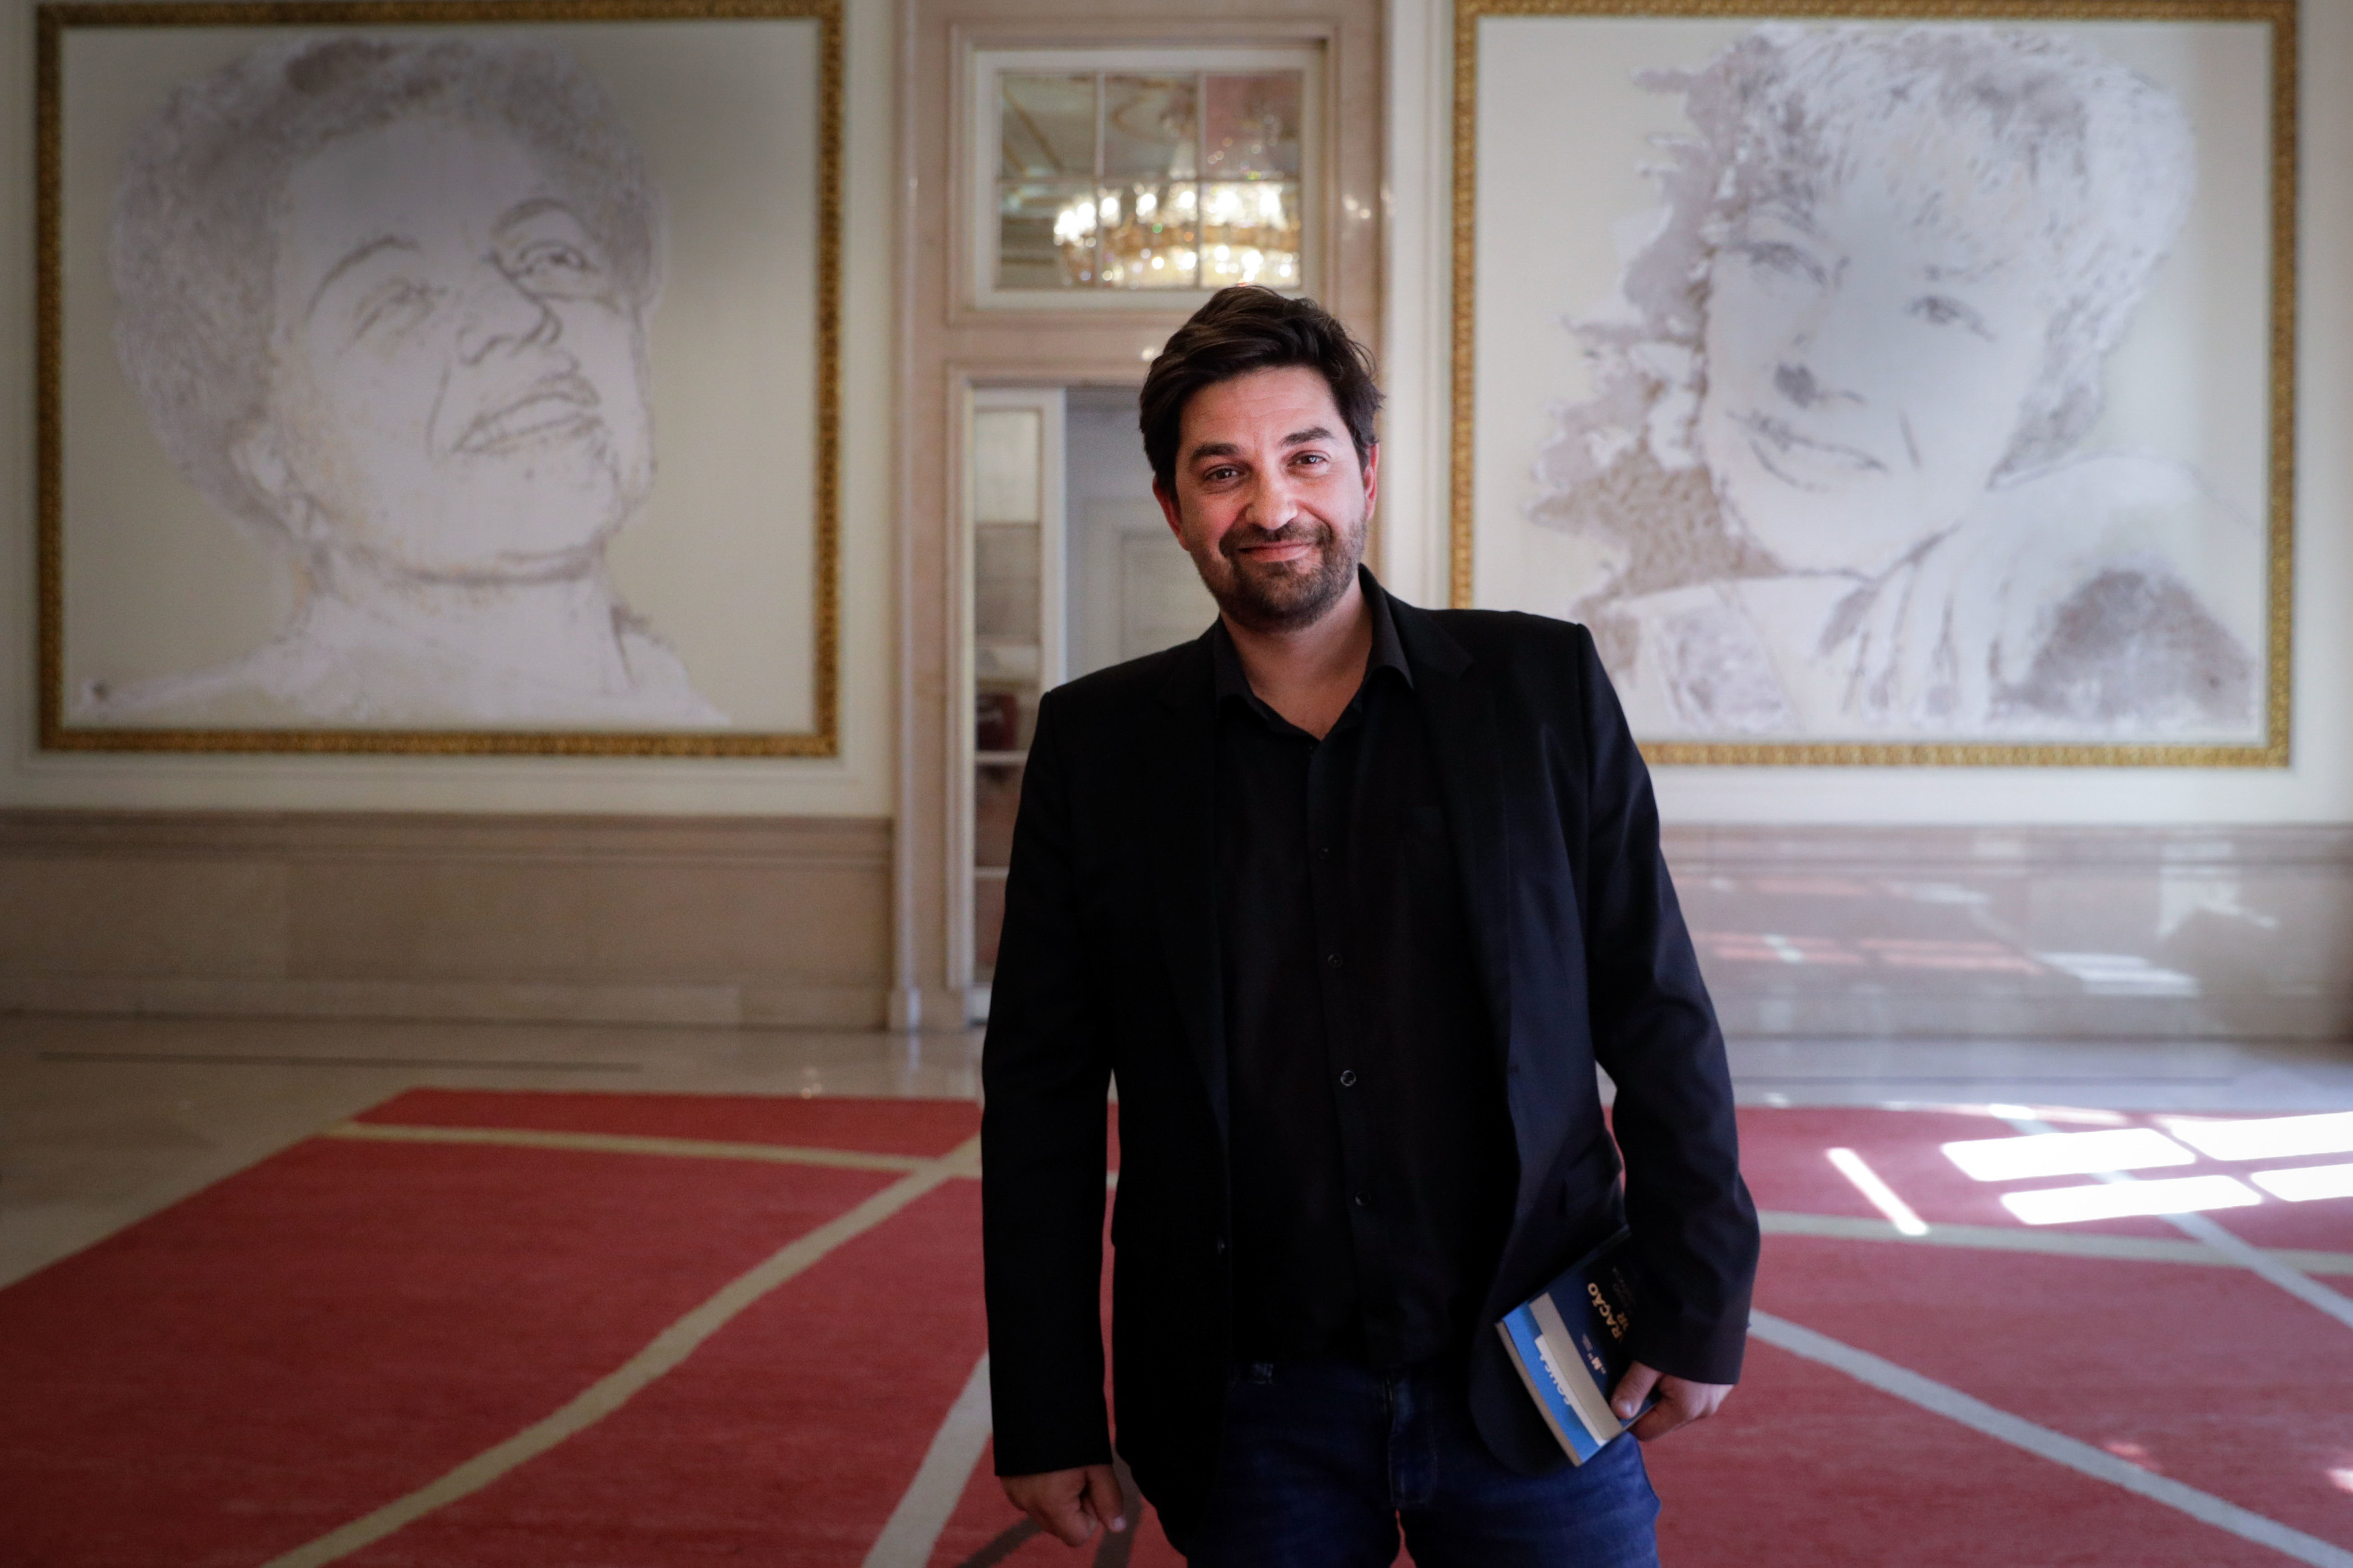 Tiago Rodrigues espera que Prémio Pessoa ajude a dignificar Teatro português